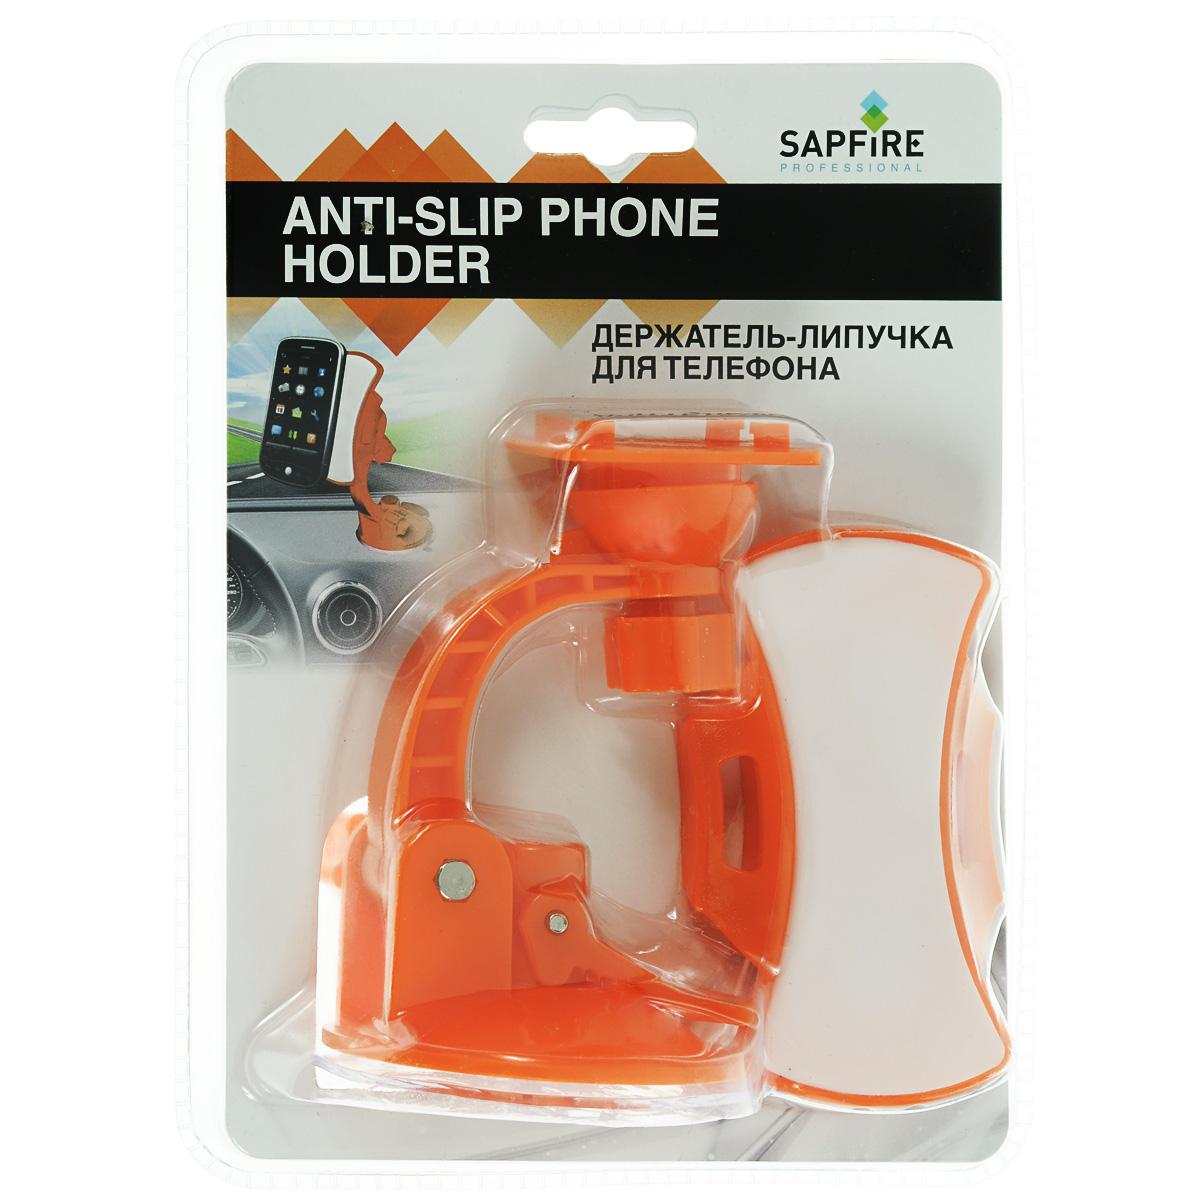 Держатель-липучка для телефона Sapfire, цвет: оранжевый